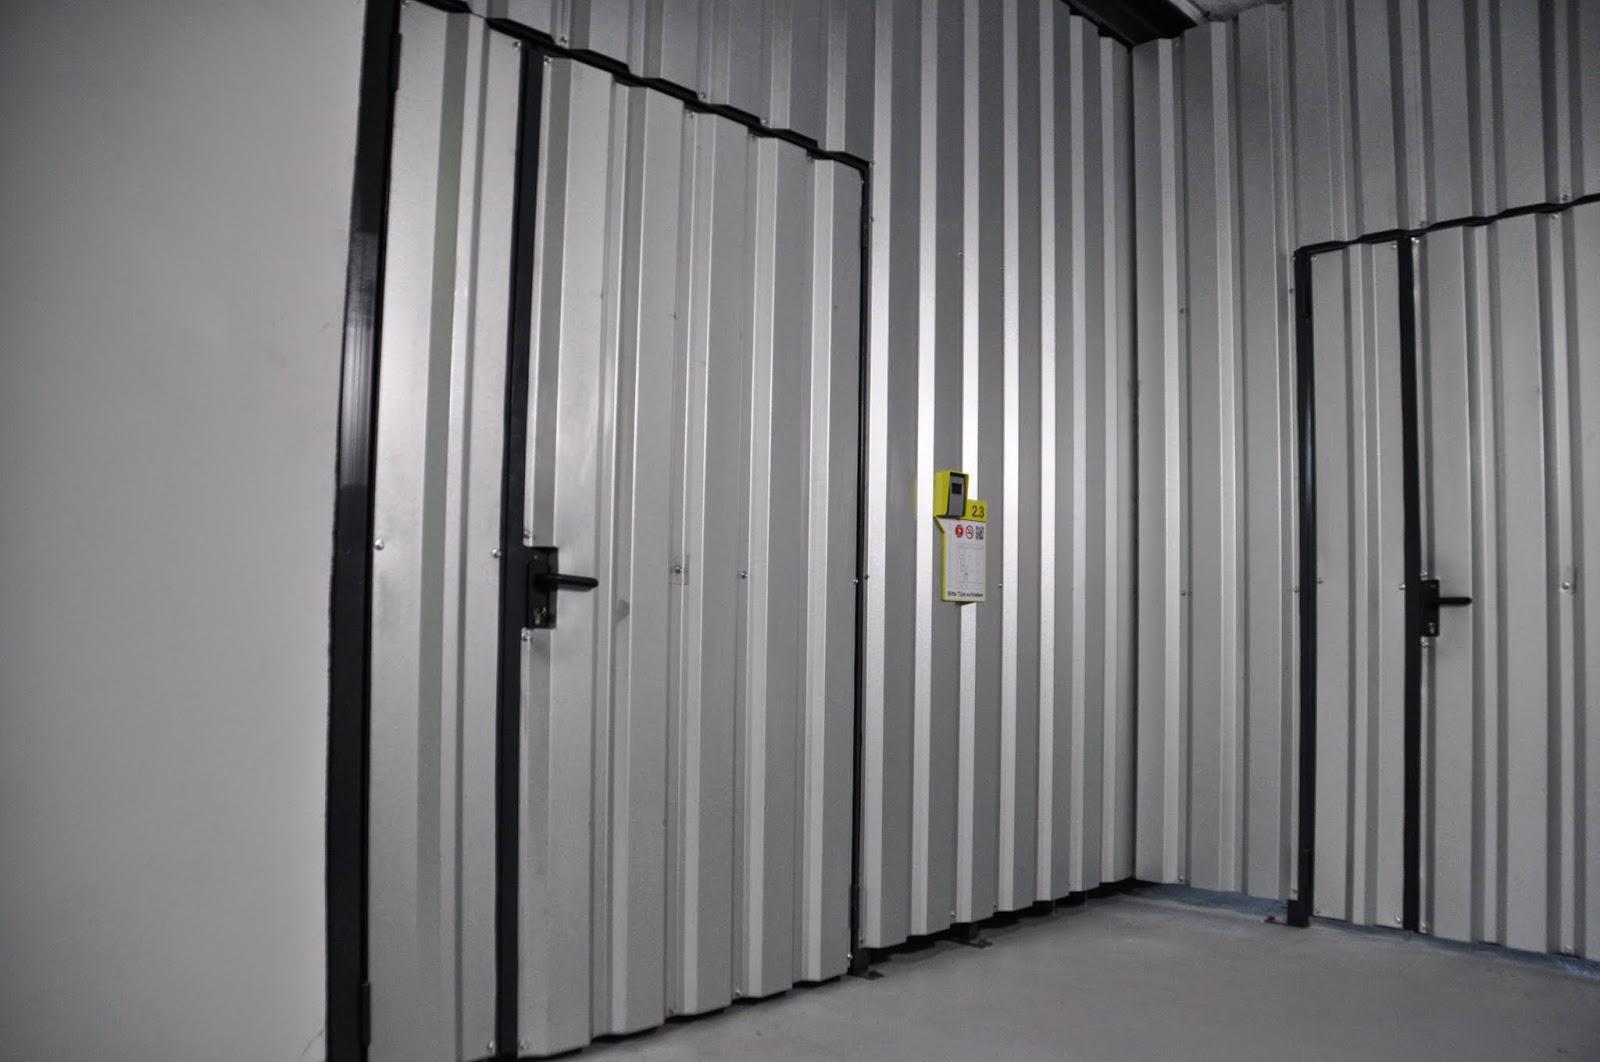 schaff raum selfstorage lagerraum in bensheim mieten. Black Bedroom Furniture Sets. Home Design Ideas